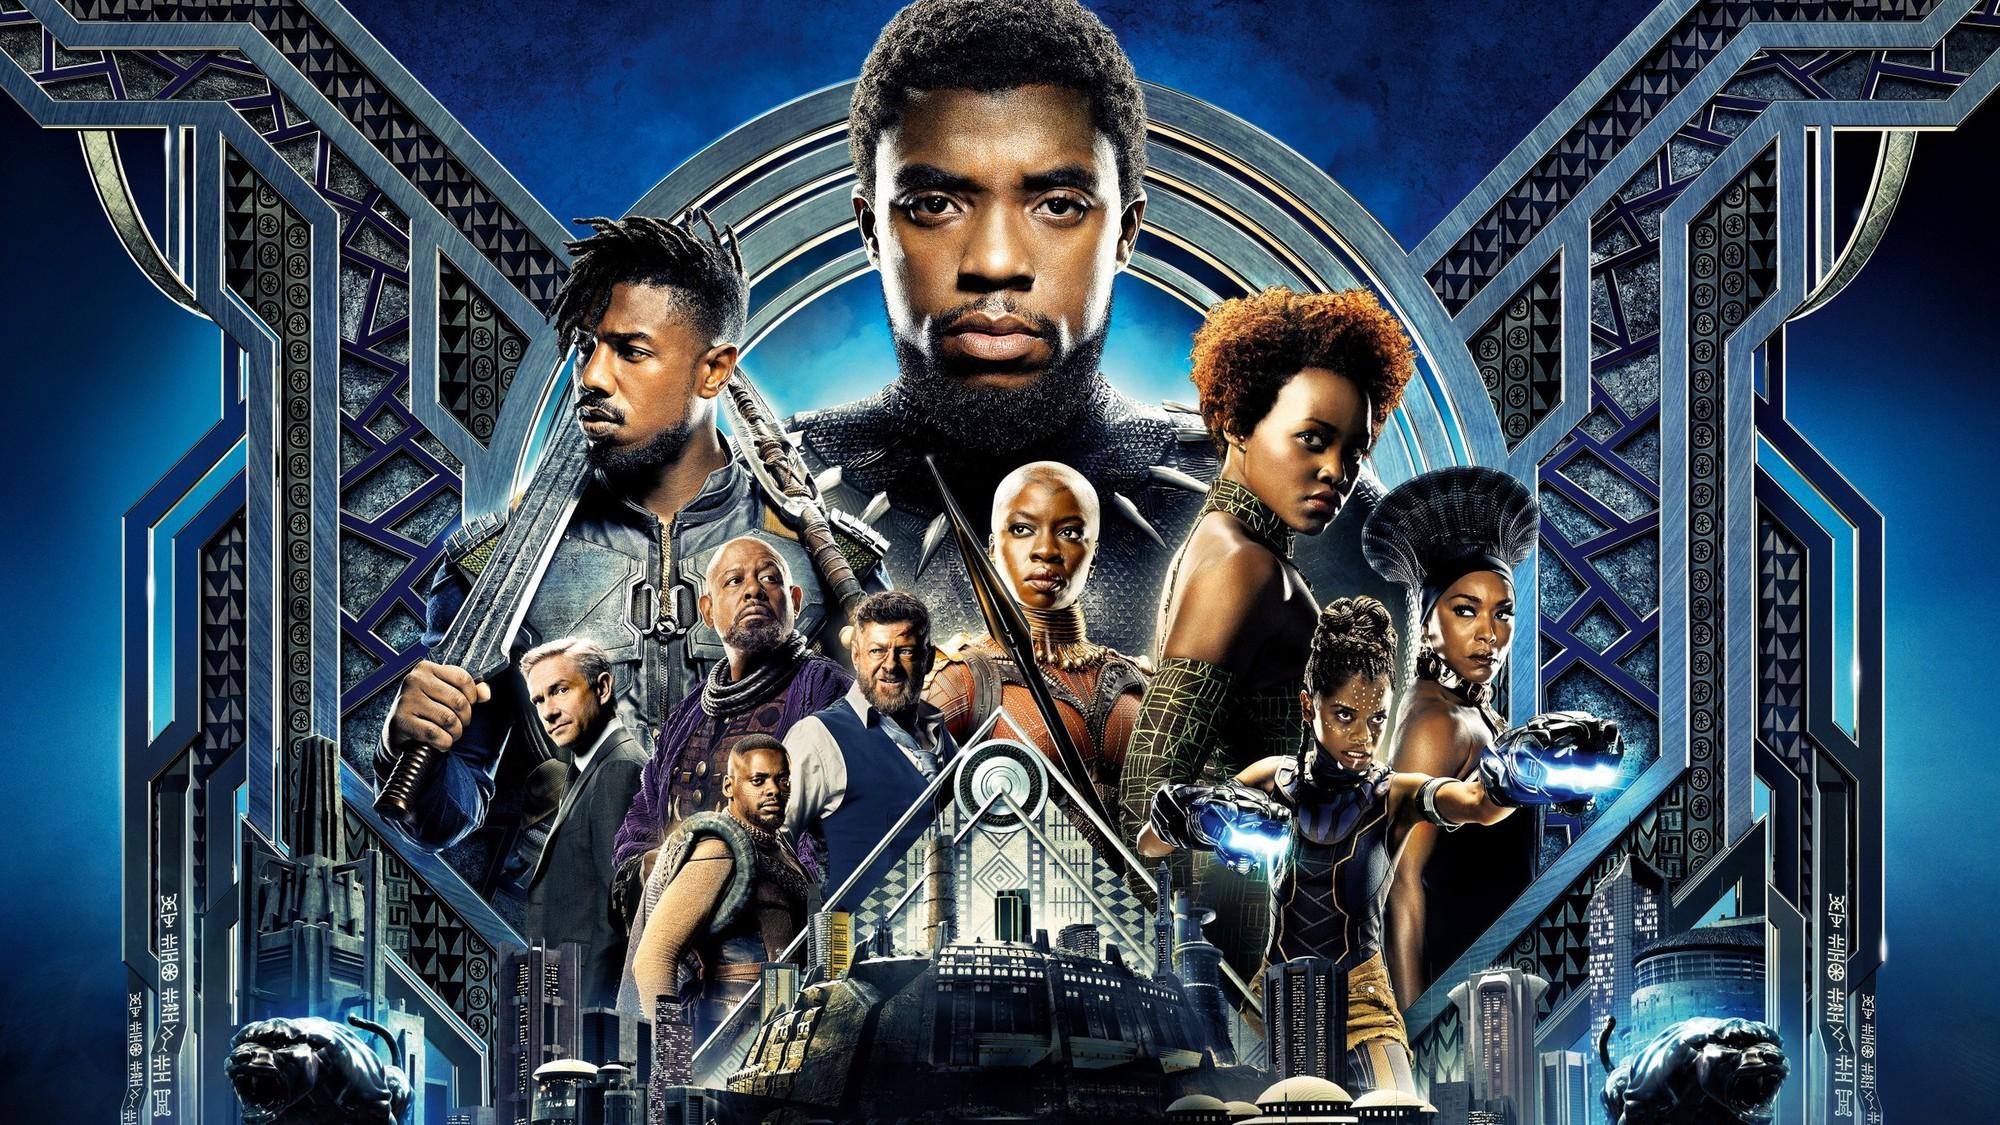 Black Panther - Chiêu trò gây shock hay thông điệp bình đẳng chủng tộc từ Marvel? - Ảnh 1.